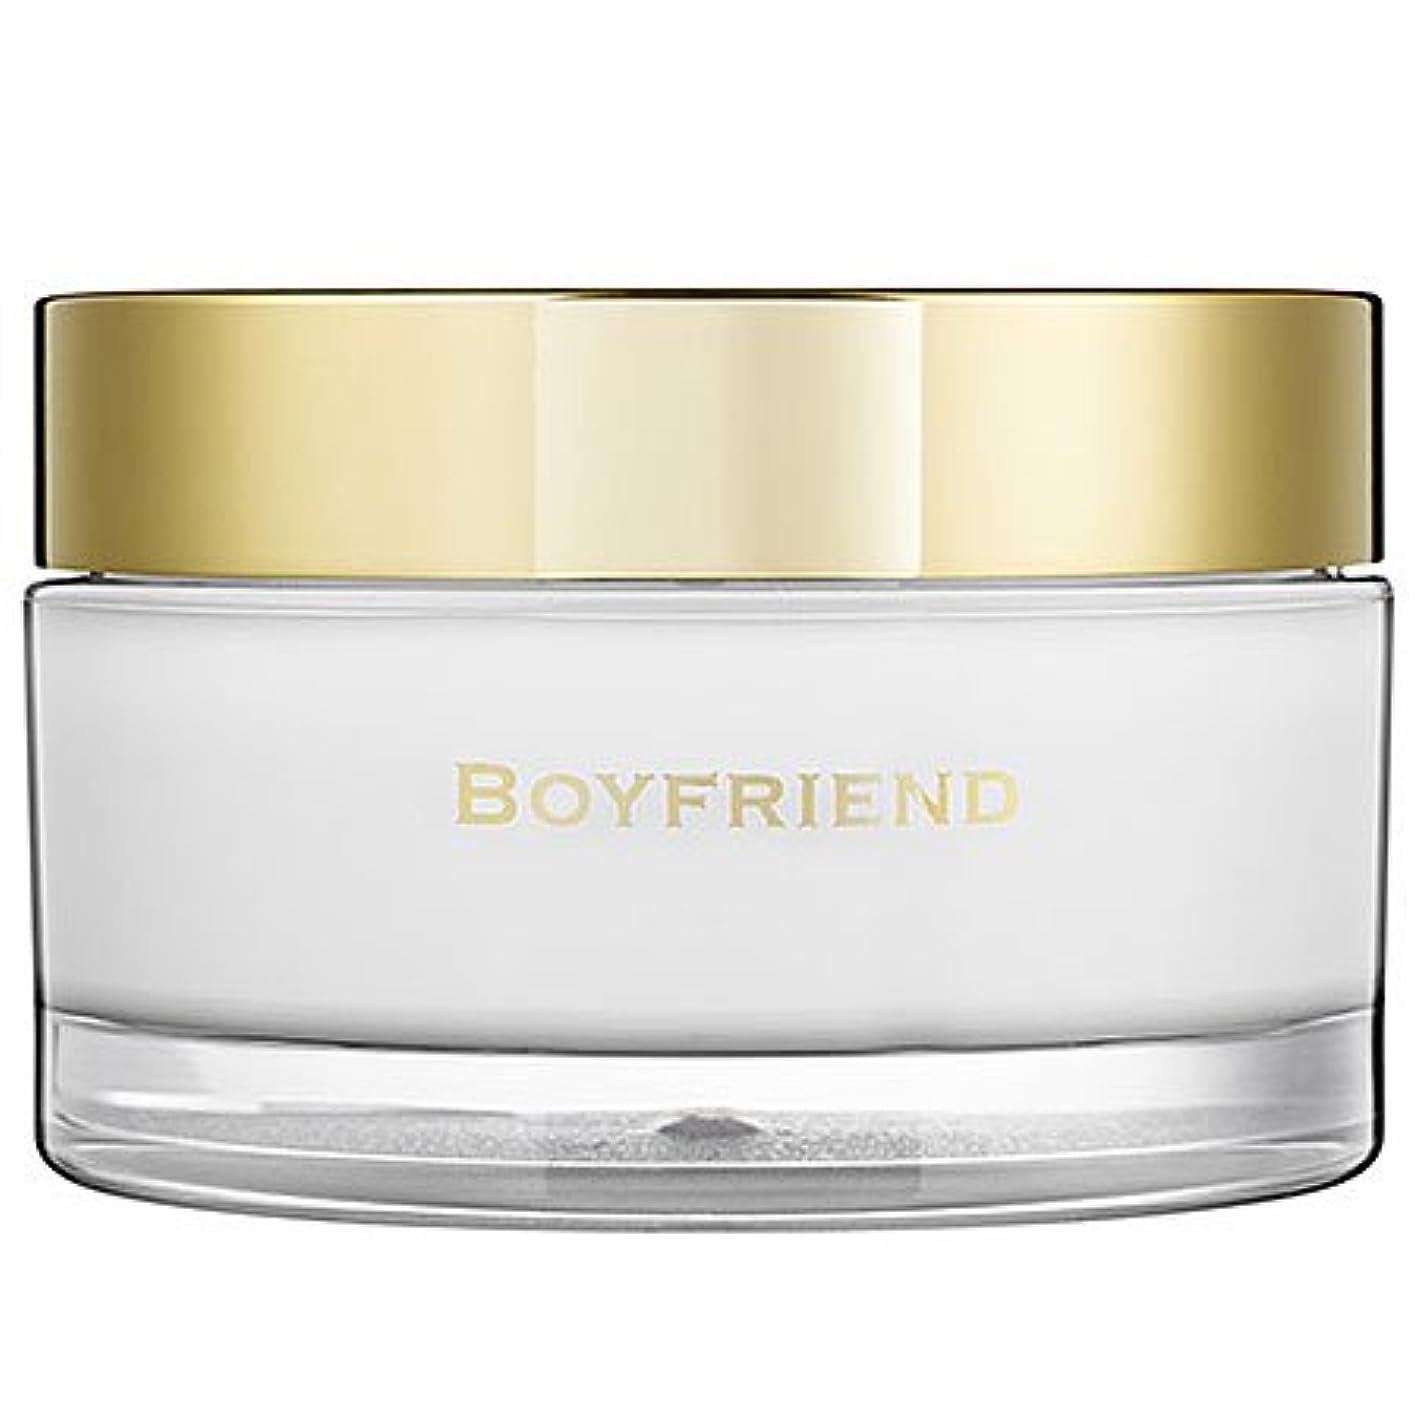 特性庭園芸術Boyfriend (ボーイフレンド) 6.7 oz (200ml) Body Cream by Kate Walsh for Women